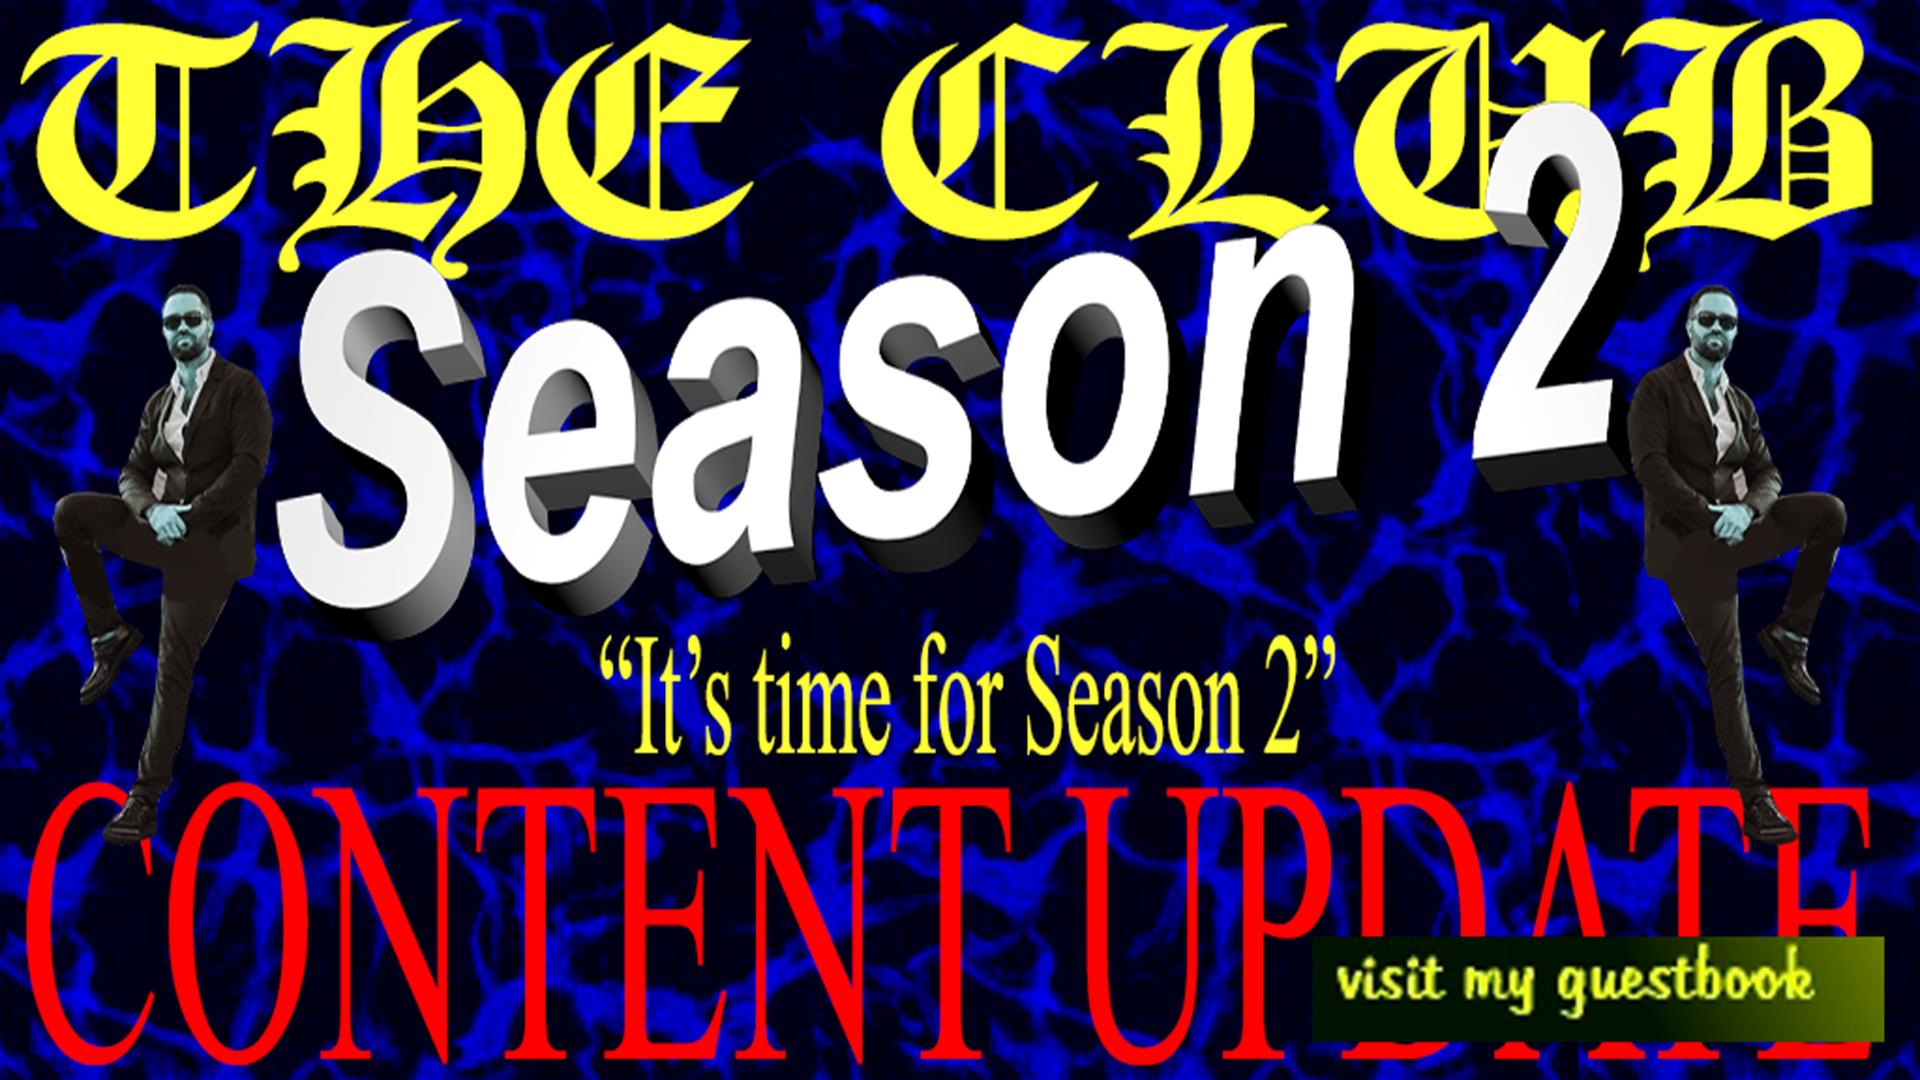 THE CLUB: SEASON 2!!